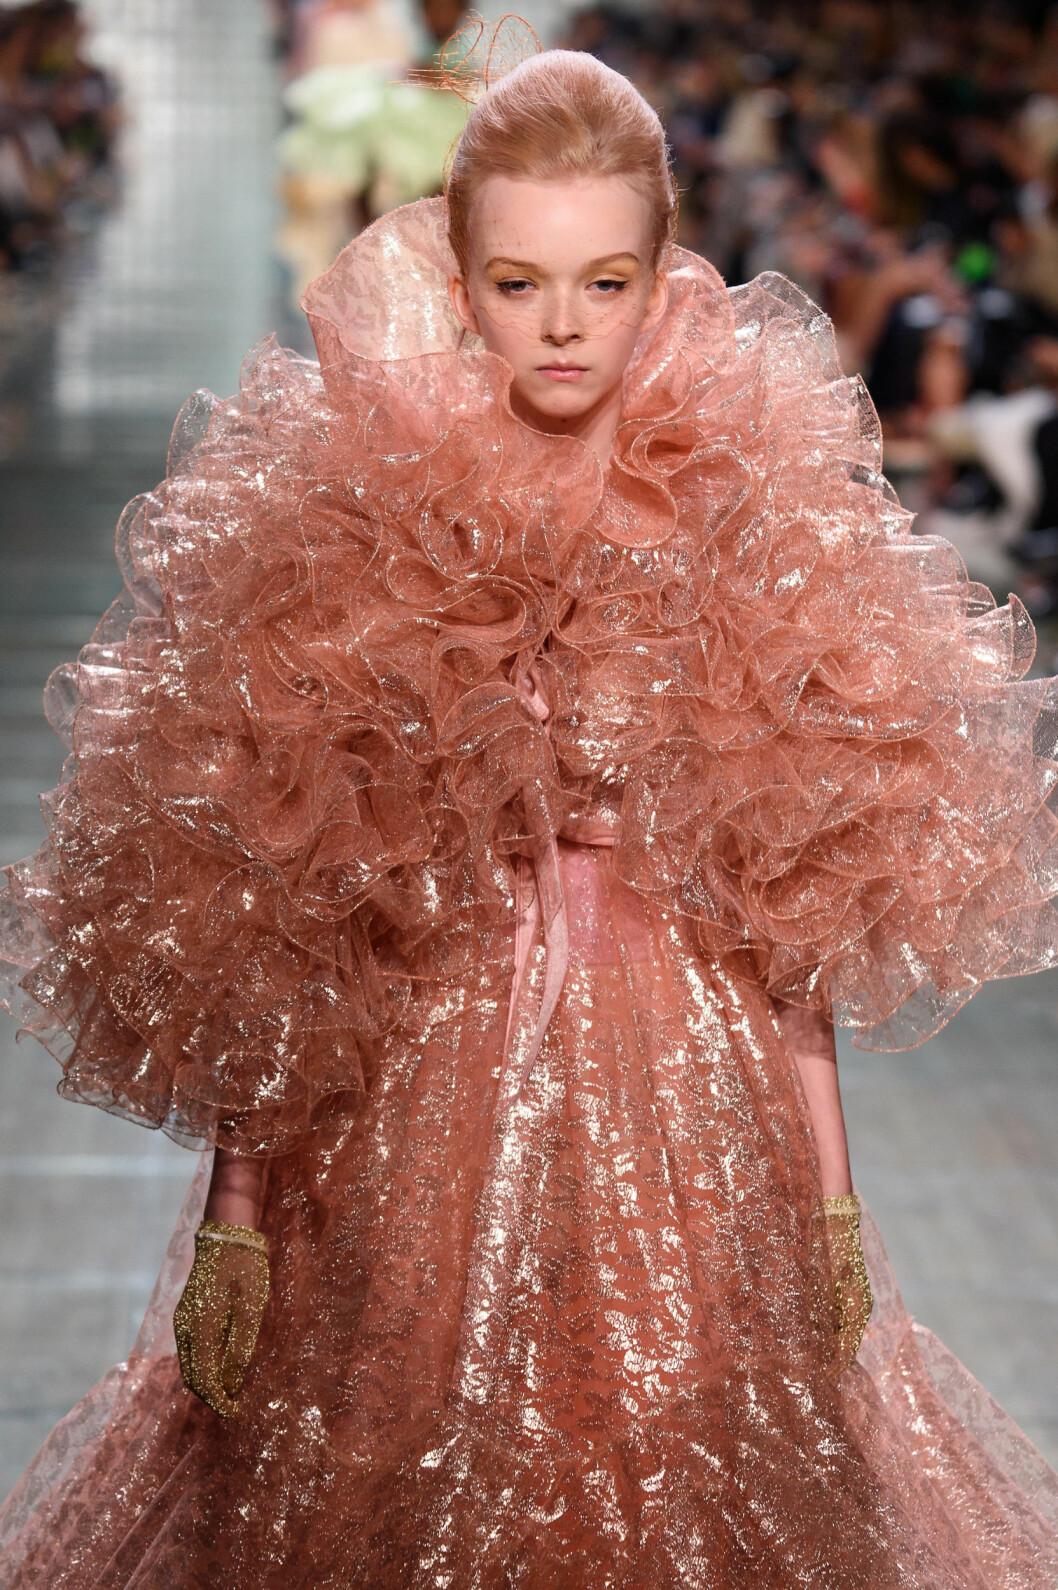 Marc Jacobs SS19 pastellhår på catwalken, aprikosfärgat.